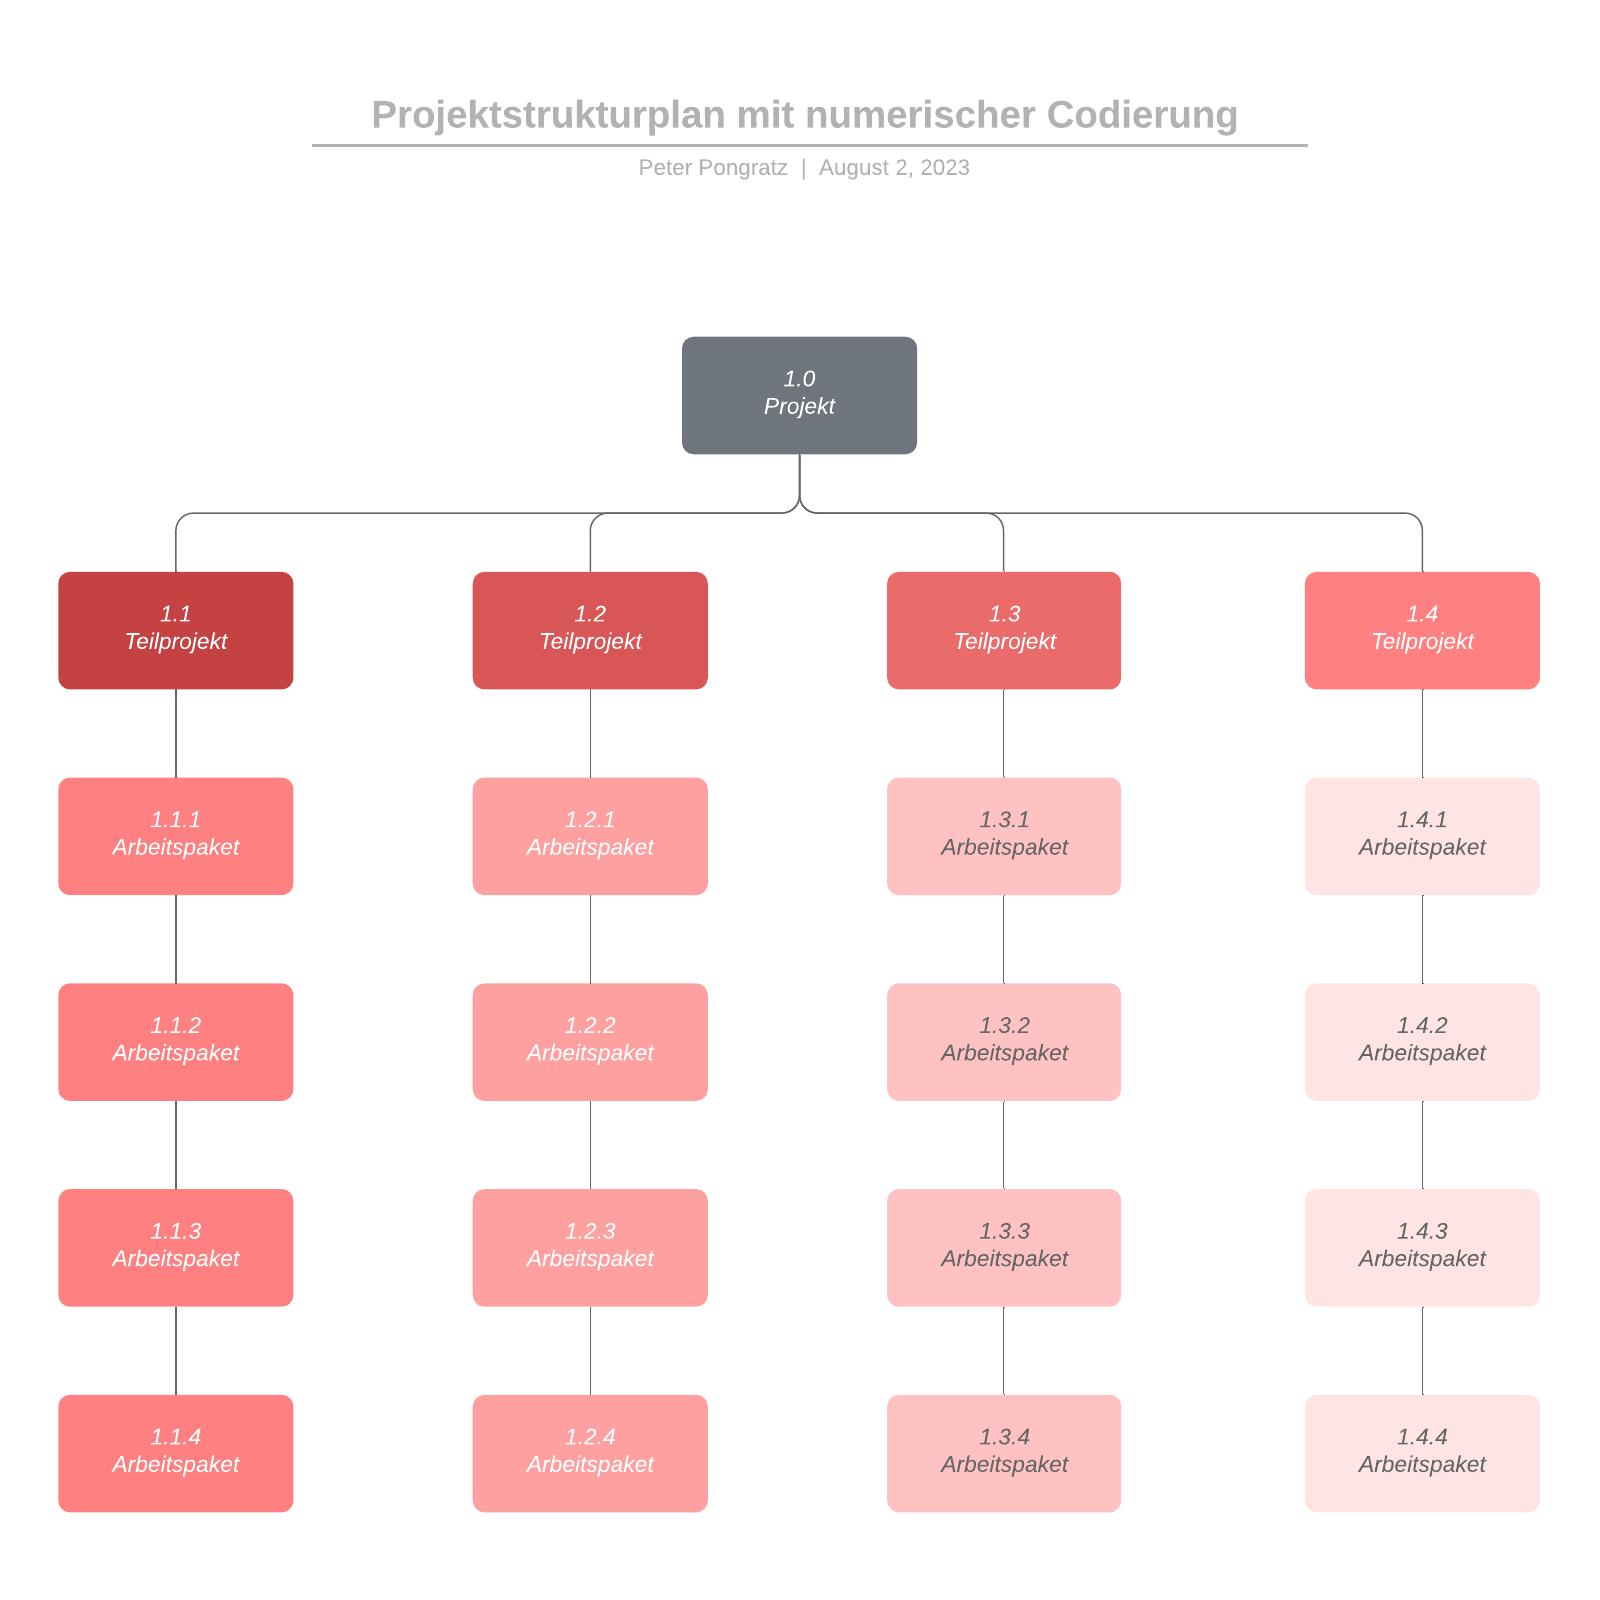 Projektstrukturplan Vorlage mit numerischer Codierung